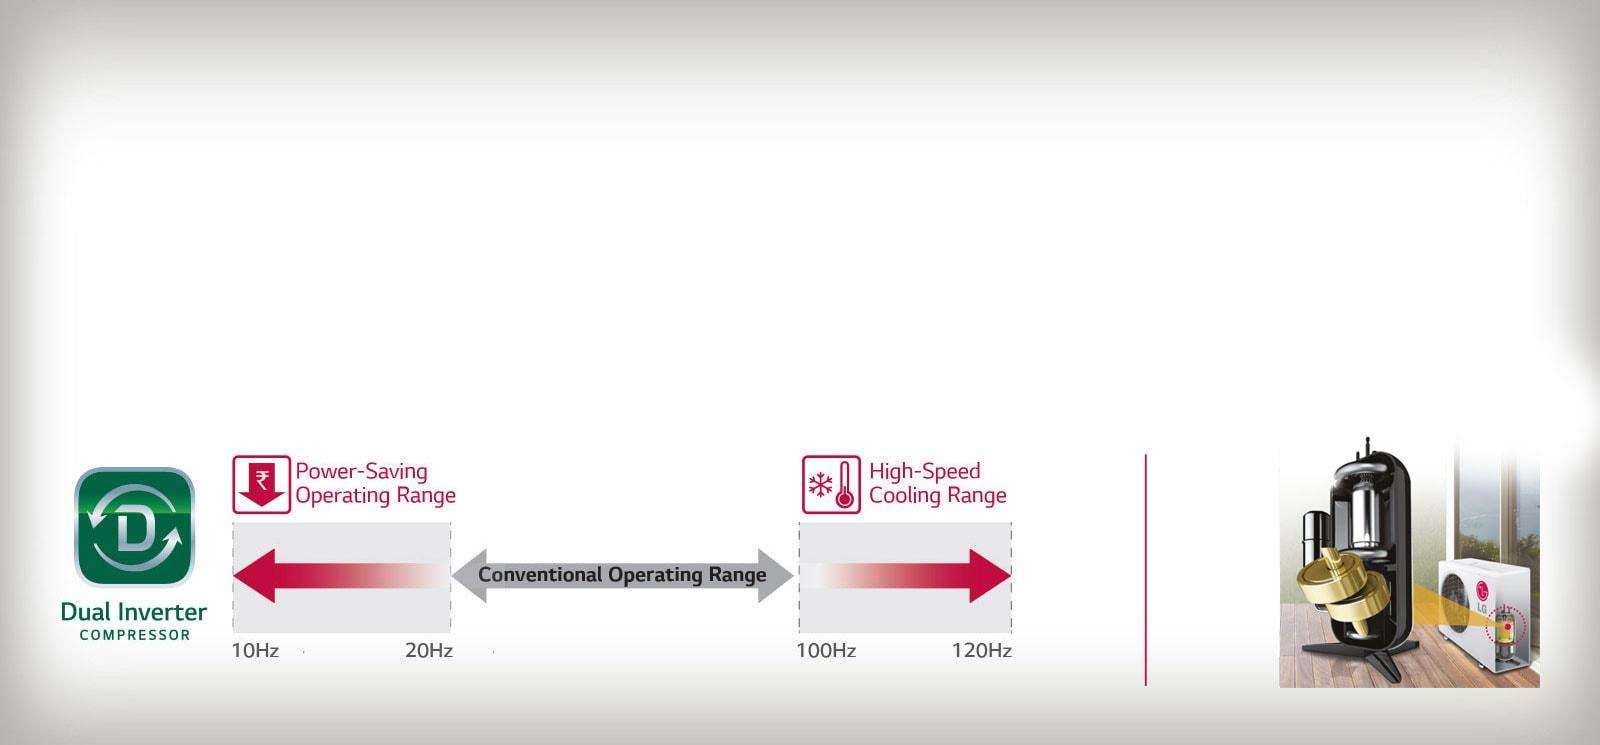 LG LS-Q18GNYA Dual inverter Compressor